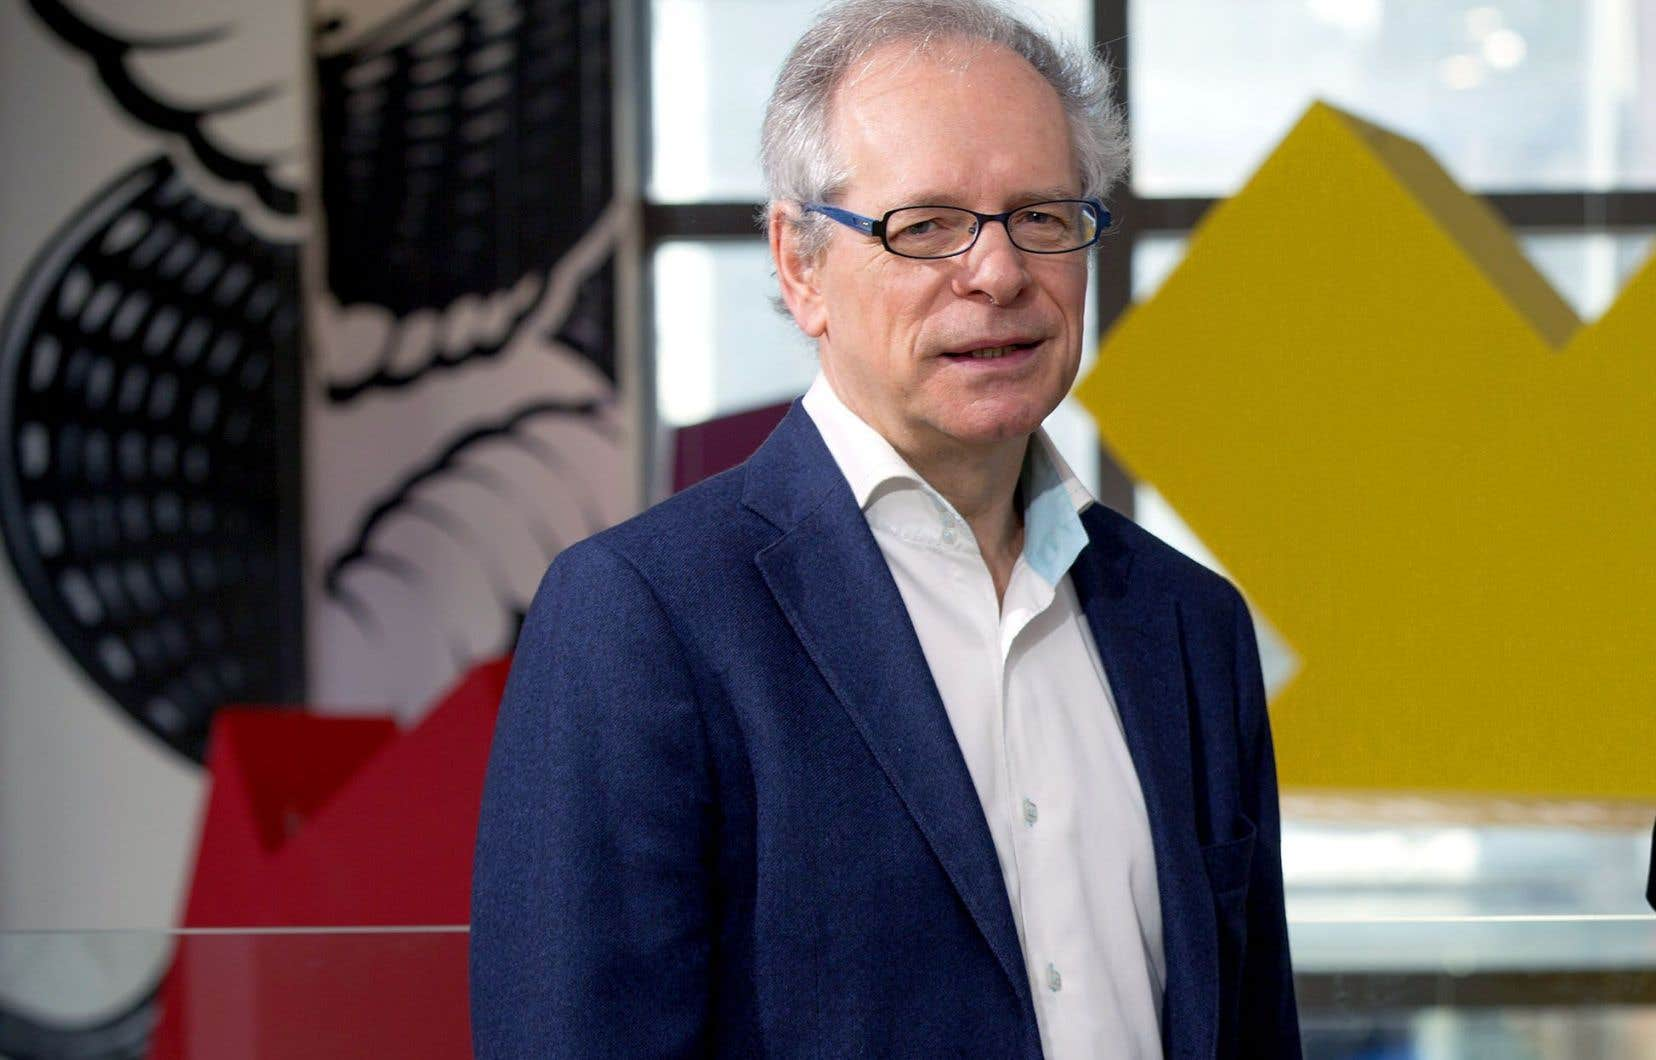 Simon Brault, directeur du Conseil des arts du Canada, reconnaît aujourd'hui que le climat de crainte était assez largement installé dans le milieu culturel.